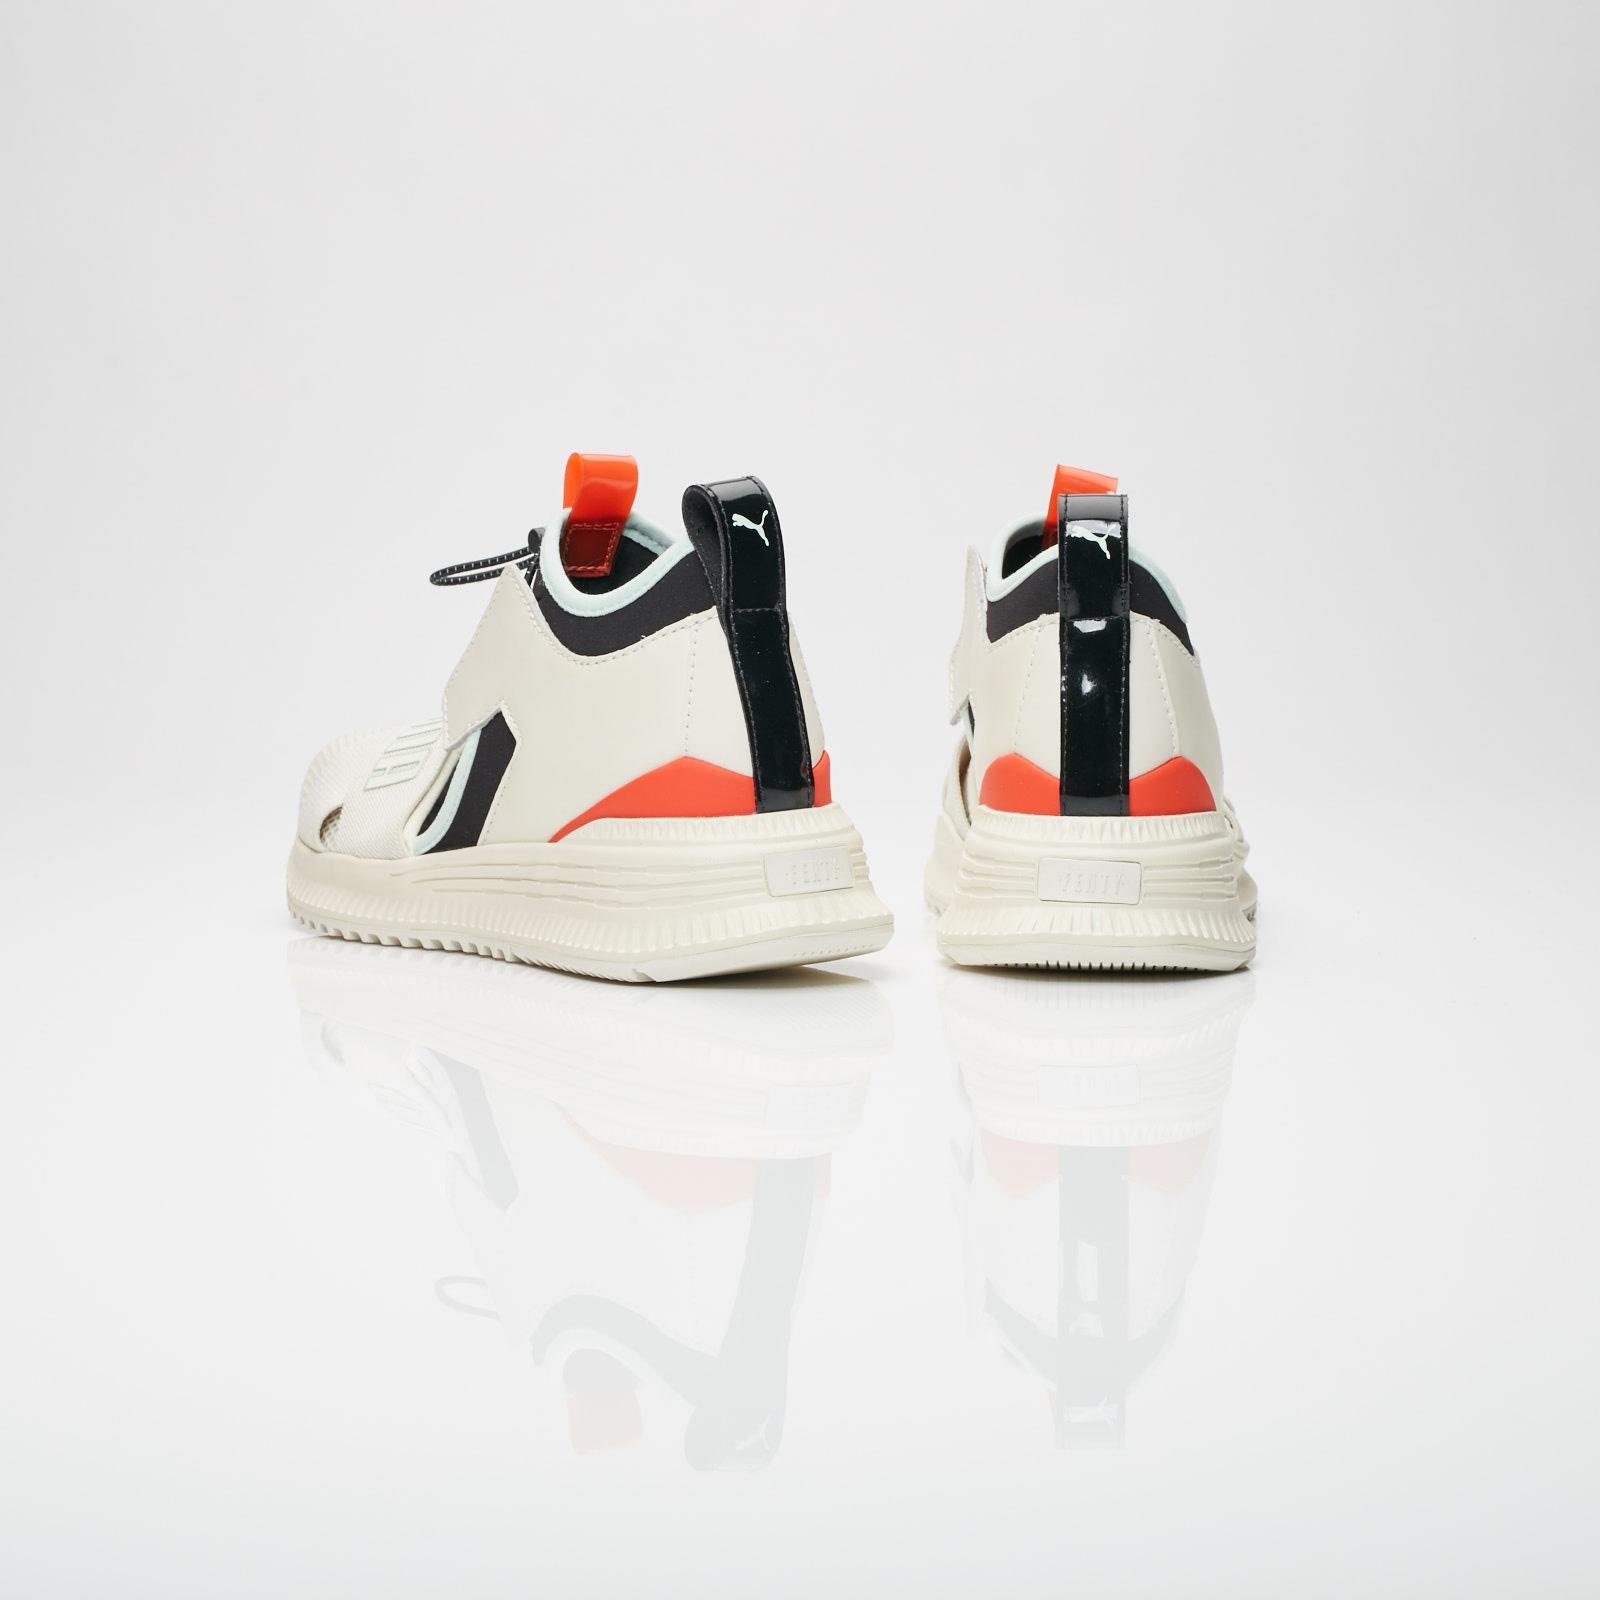 pretty nice c4fee 095d5 Puma Fenty Avid Wns - 367683-04 - Sneakersnstuff | sneakers ...